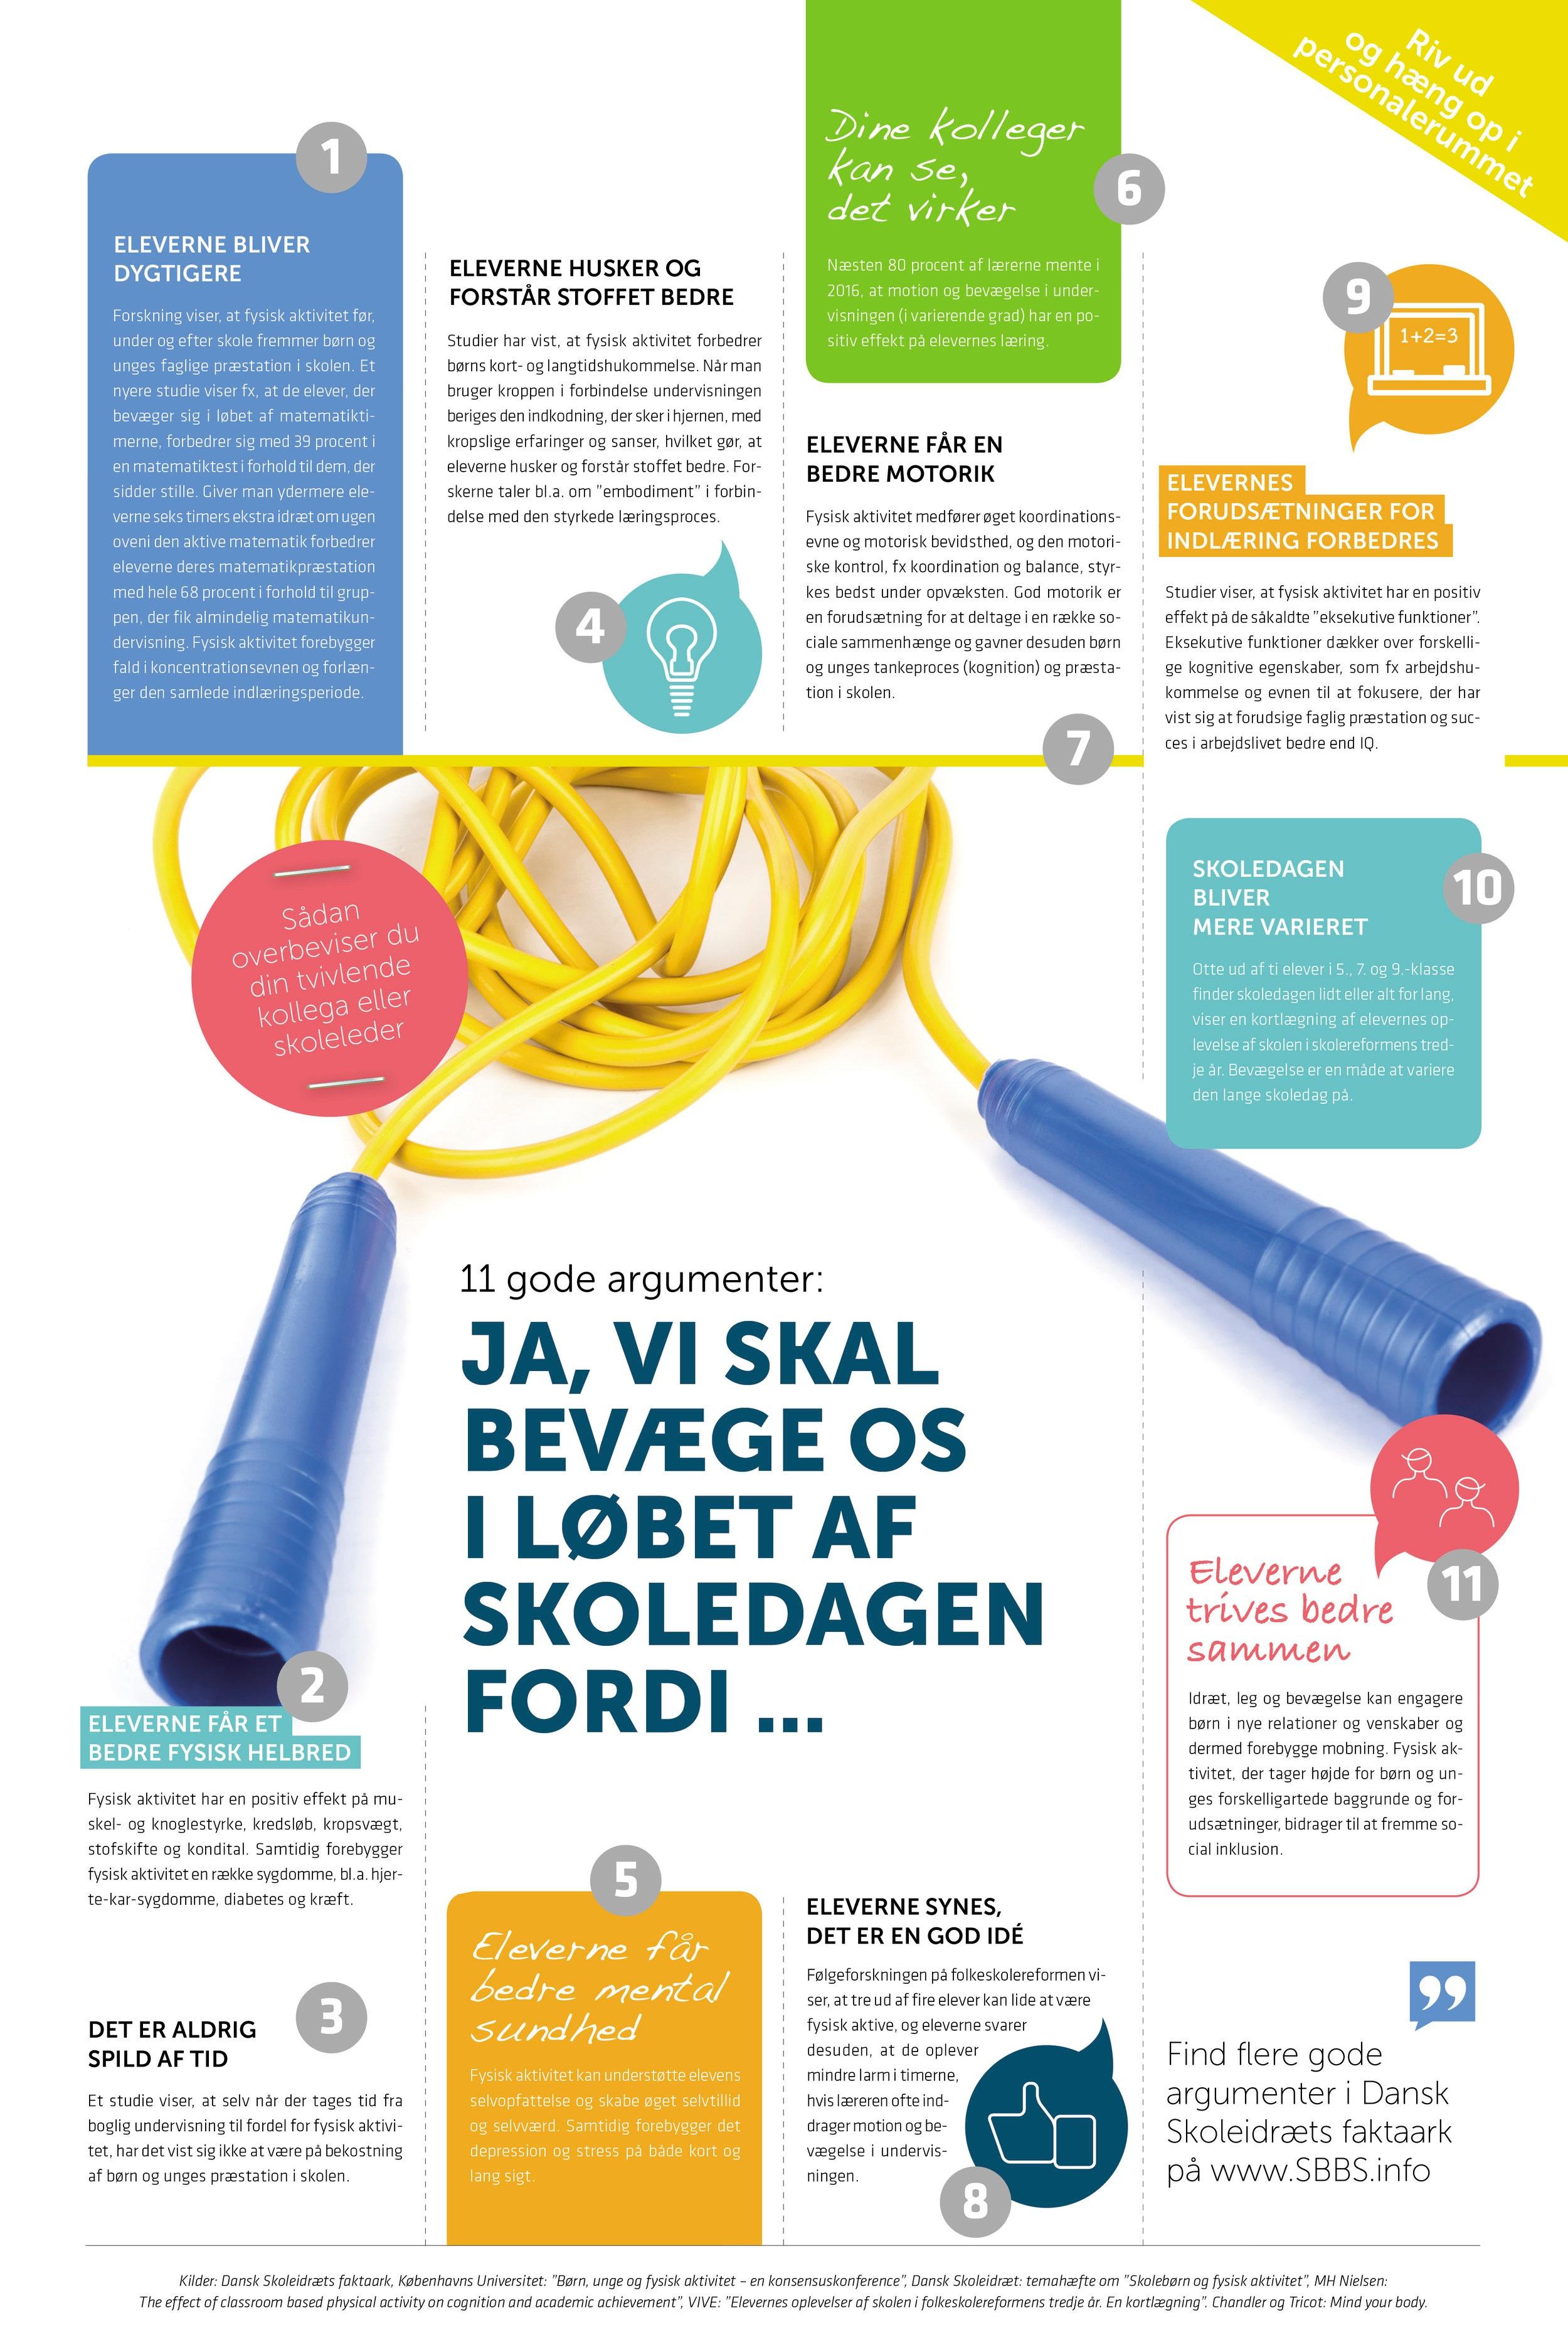 Dansk Skoleidræts magasin, Idræt i Skolen, havde i 2018 flere illustrationer og plakater, der omsatte viden fra forskningens verden til praksisnære budskaber.